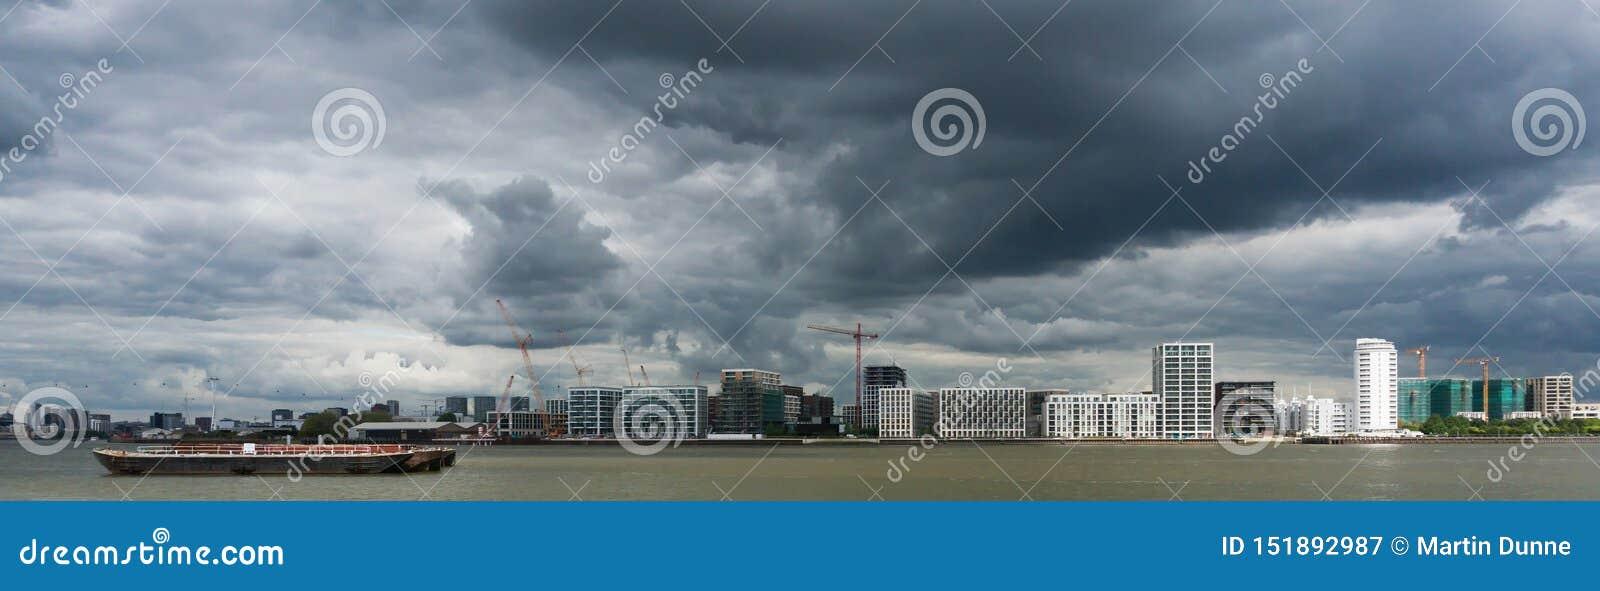 Ciel orageux au-dessus de la Tamise